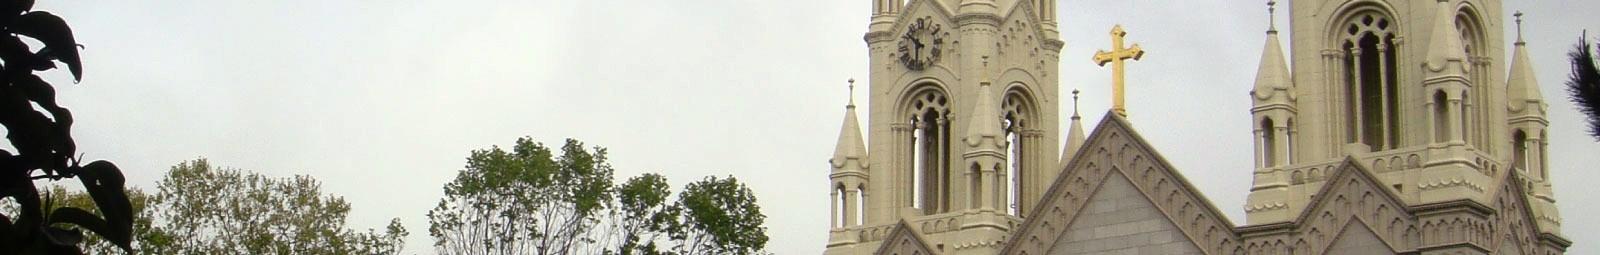 North Beach church in San Francisco.